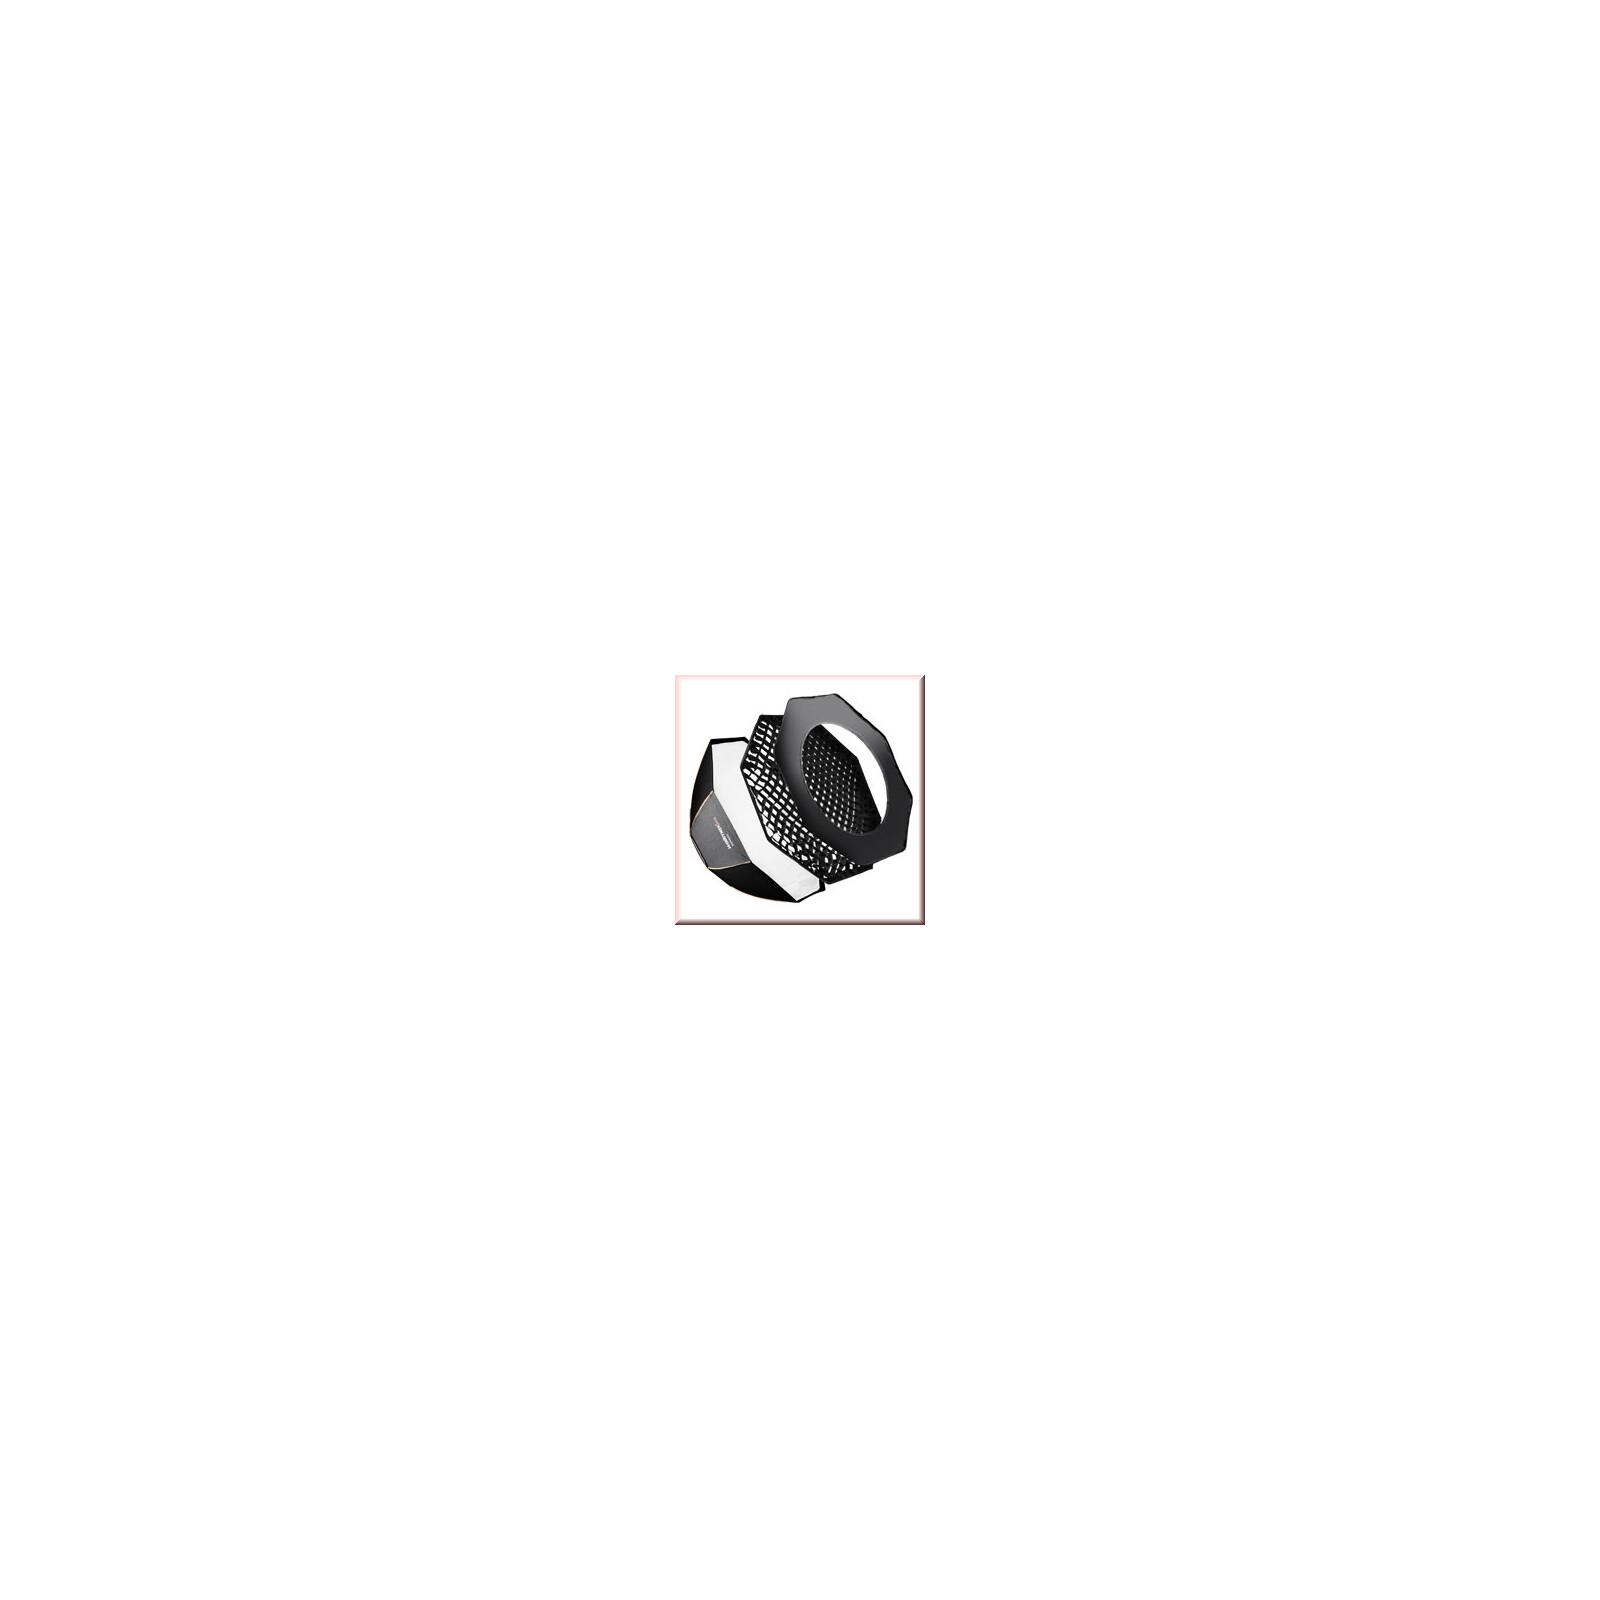 walimex pro Octagon Softbox PLUS OL Ø120 Elinchrom